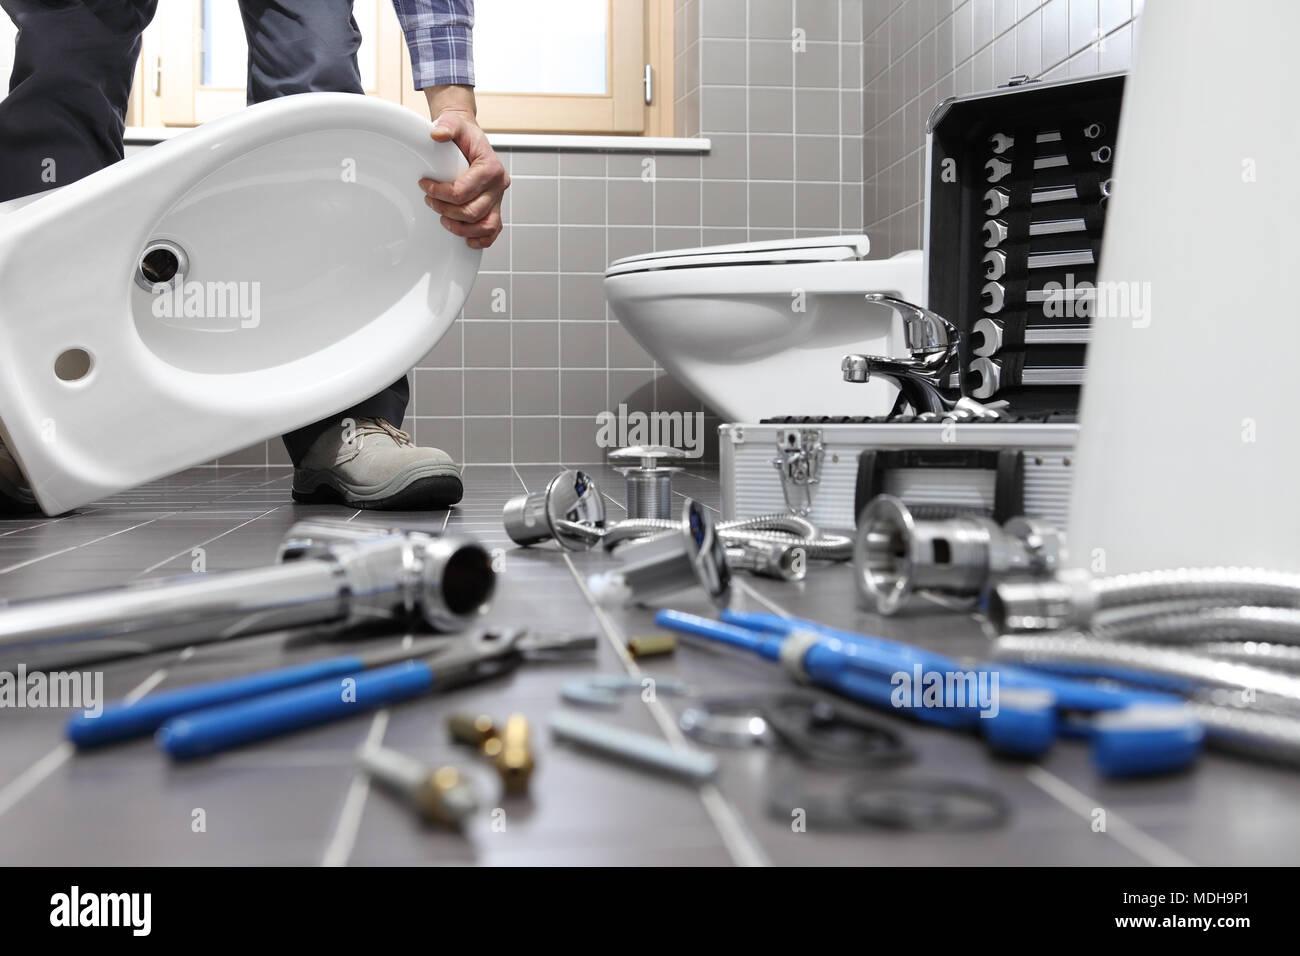 Klempner an der Arbeit in einem Badezimmer, Sanitär Reparatur ...